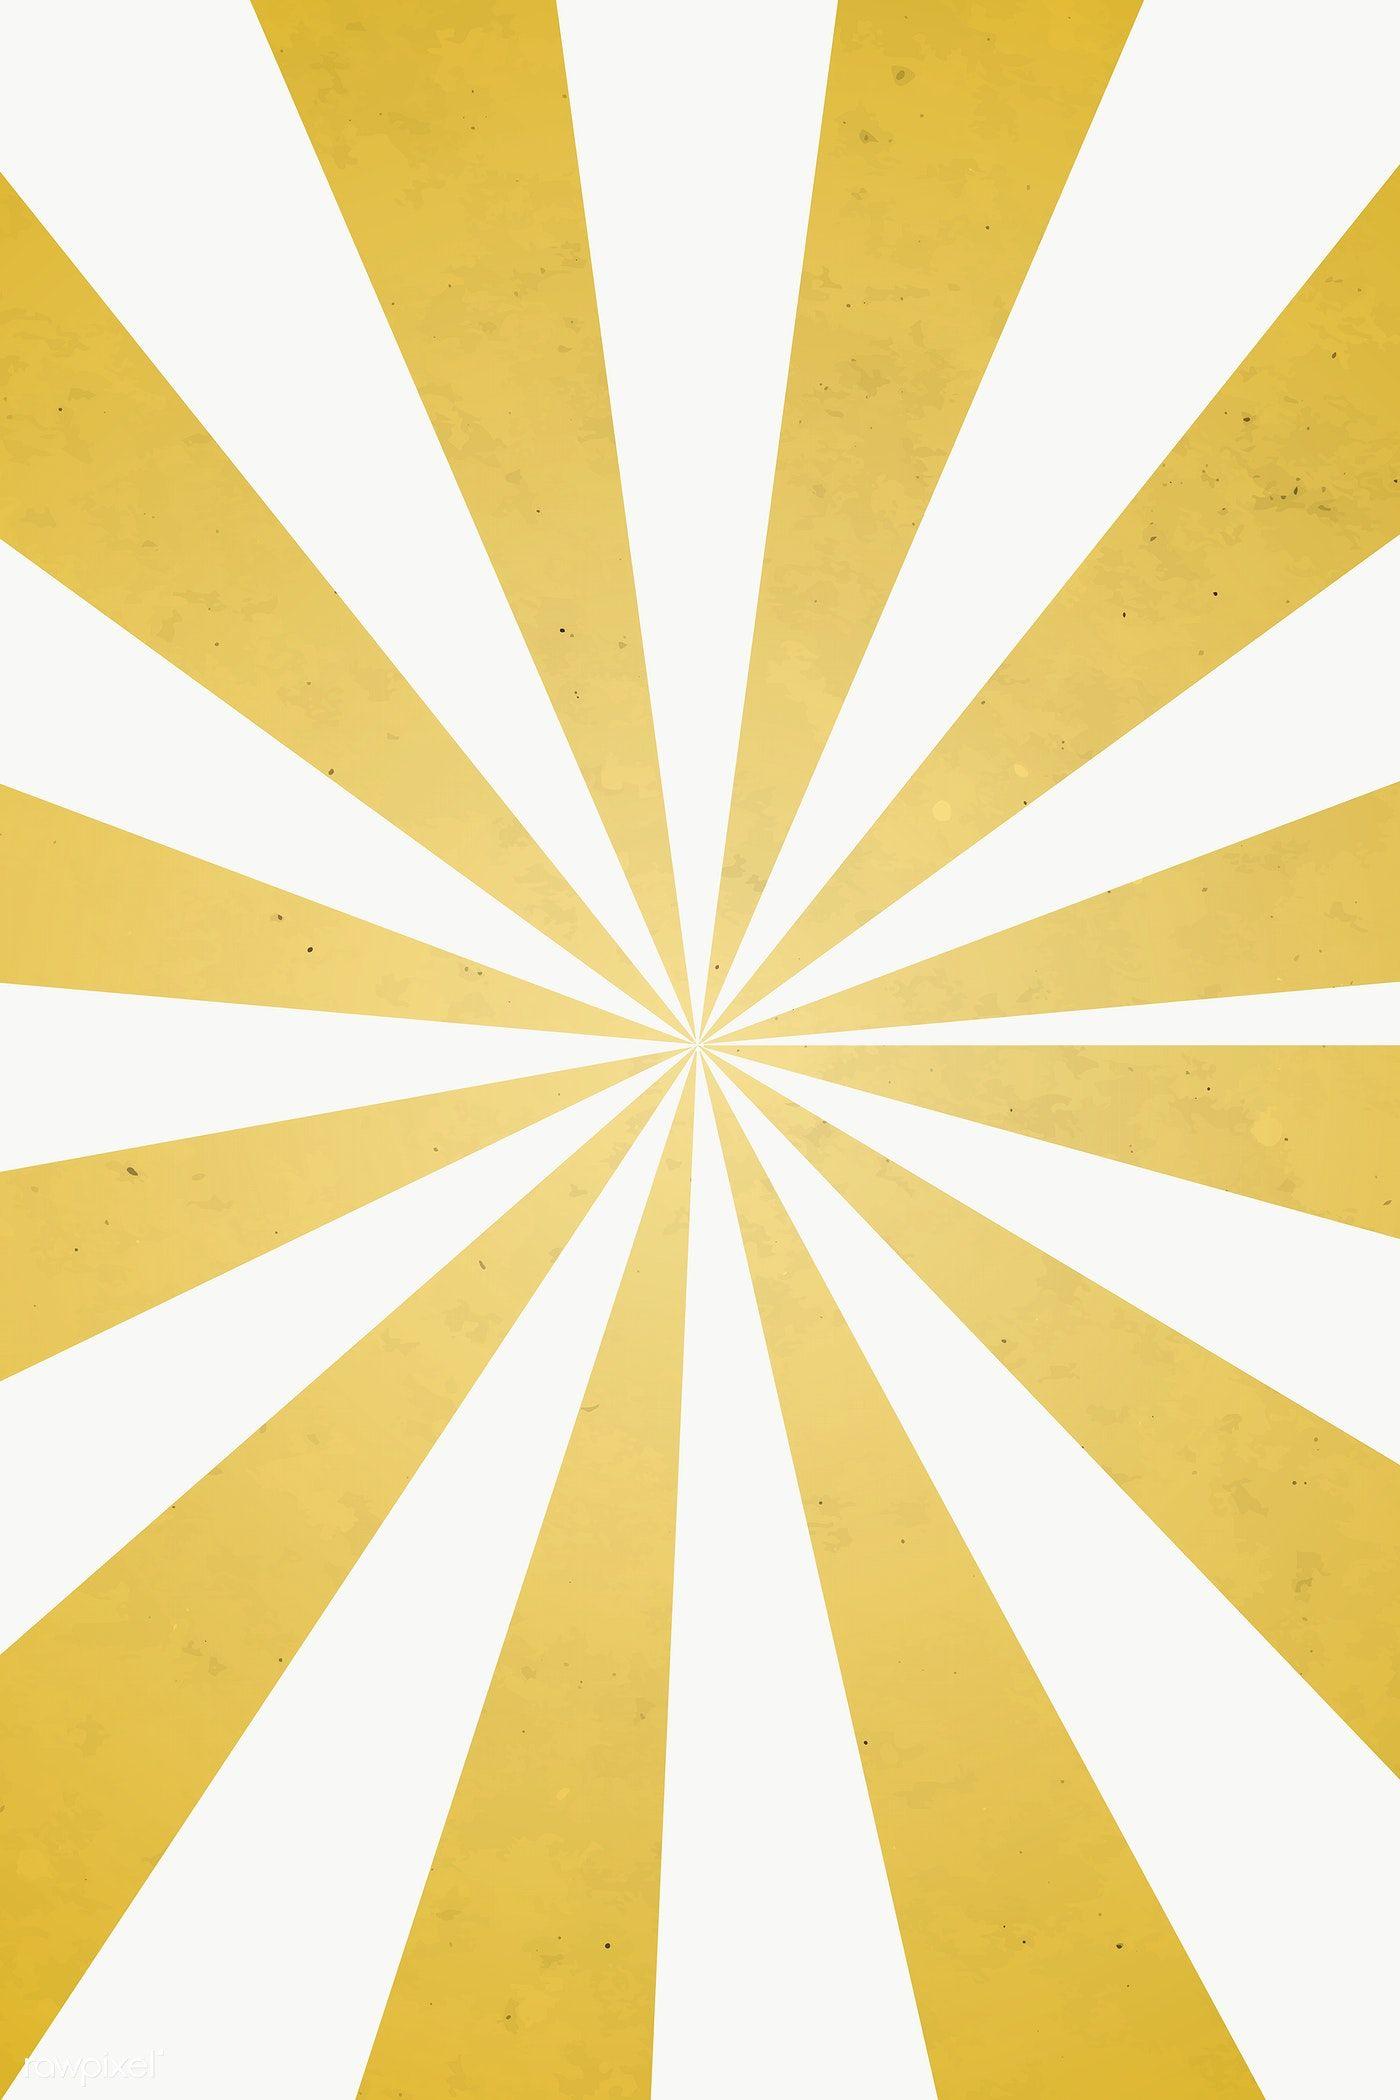 Gold Sunburst Effect Patterned Background Design Element Free Image By Rawpixel Com Mind Background Patterns Background Design Gold Sunburst